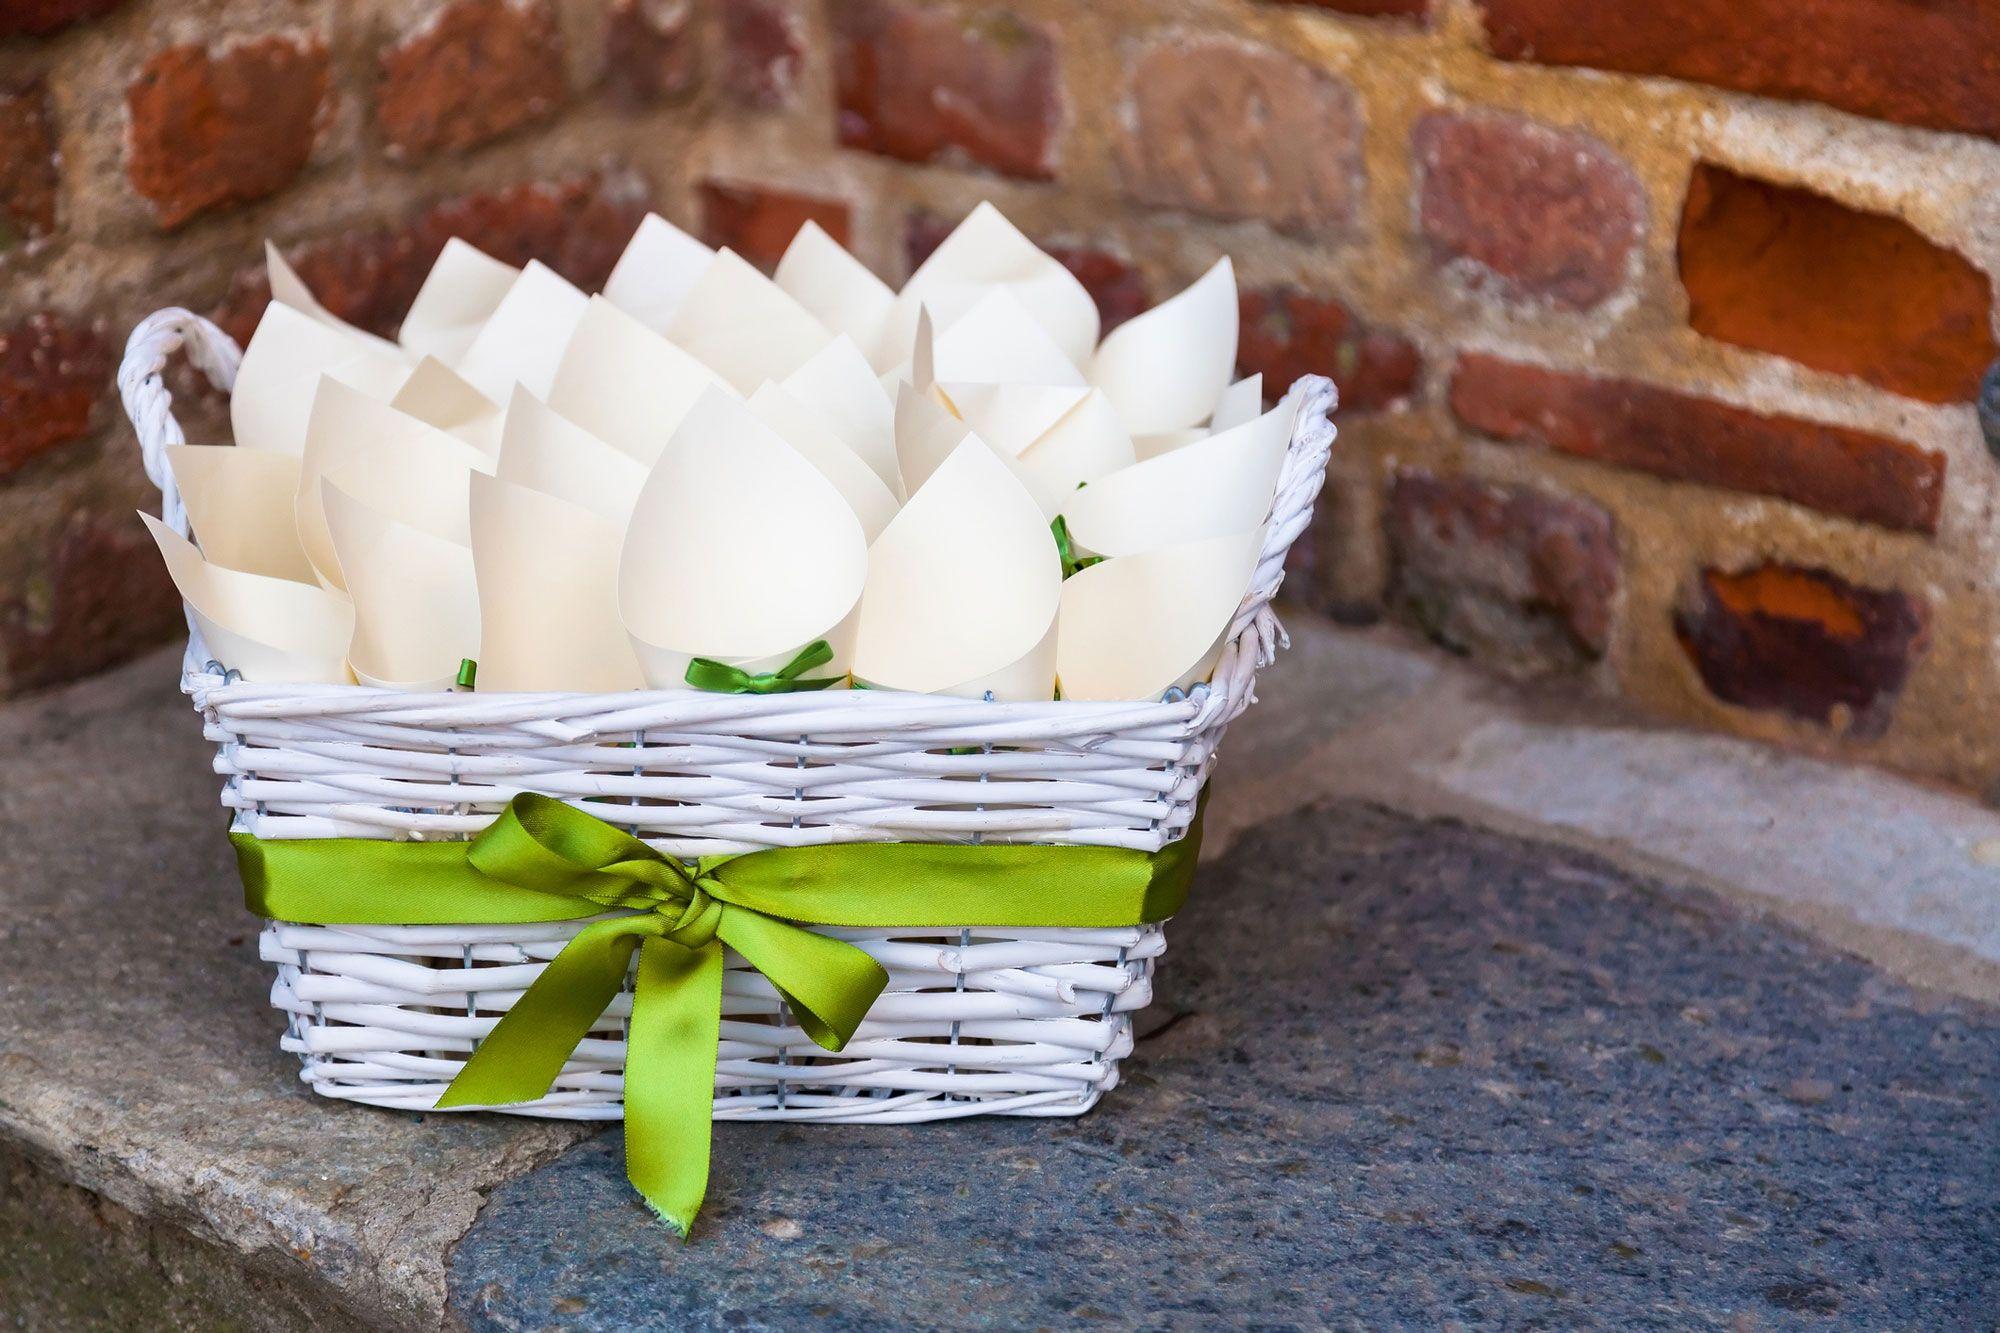 Idées pour présenter du riz lors d'un mariage